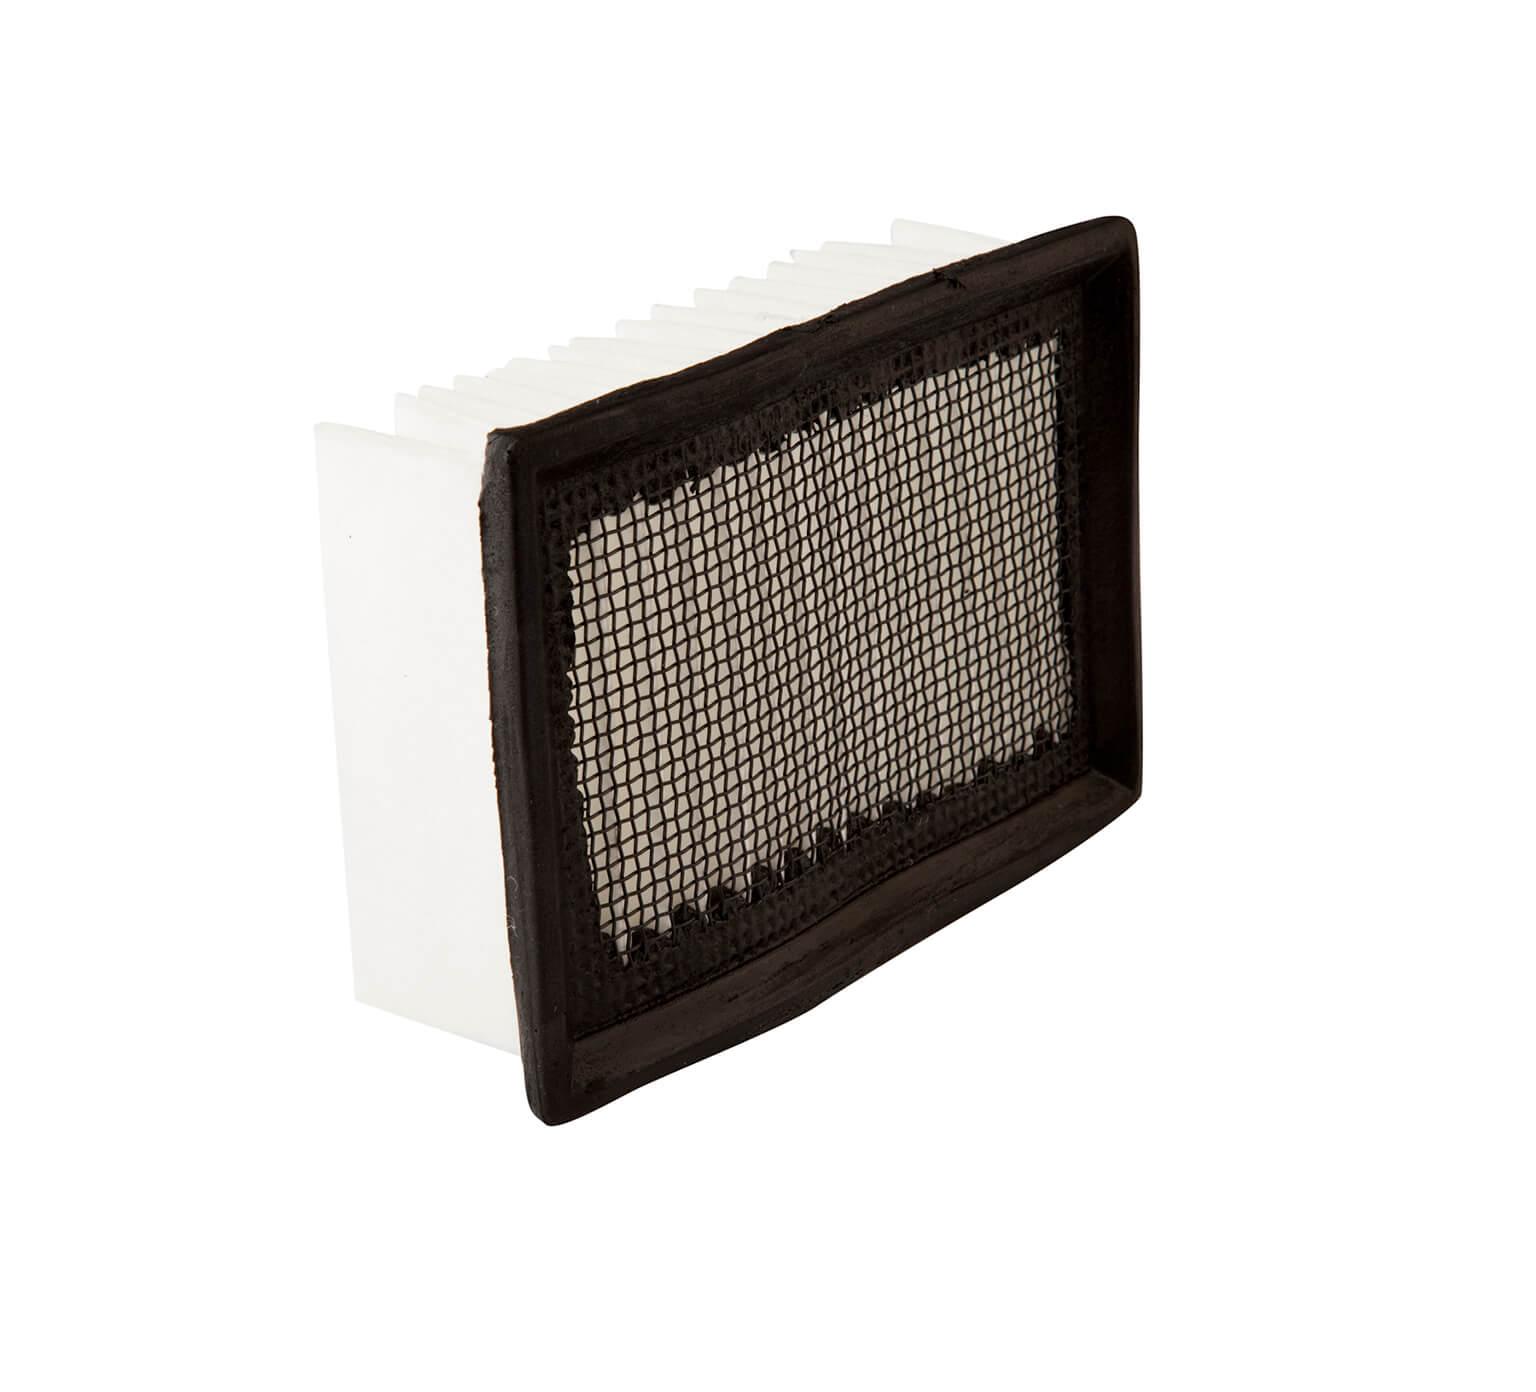 1037822 <br>Панельный фильтр из целлюлозного волокна — 2 x 6,1 x 7,6 дюйма